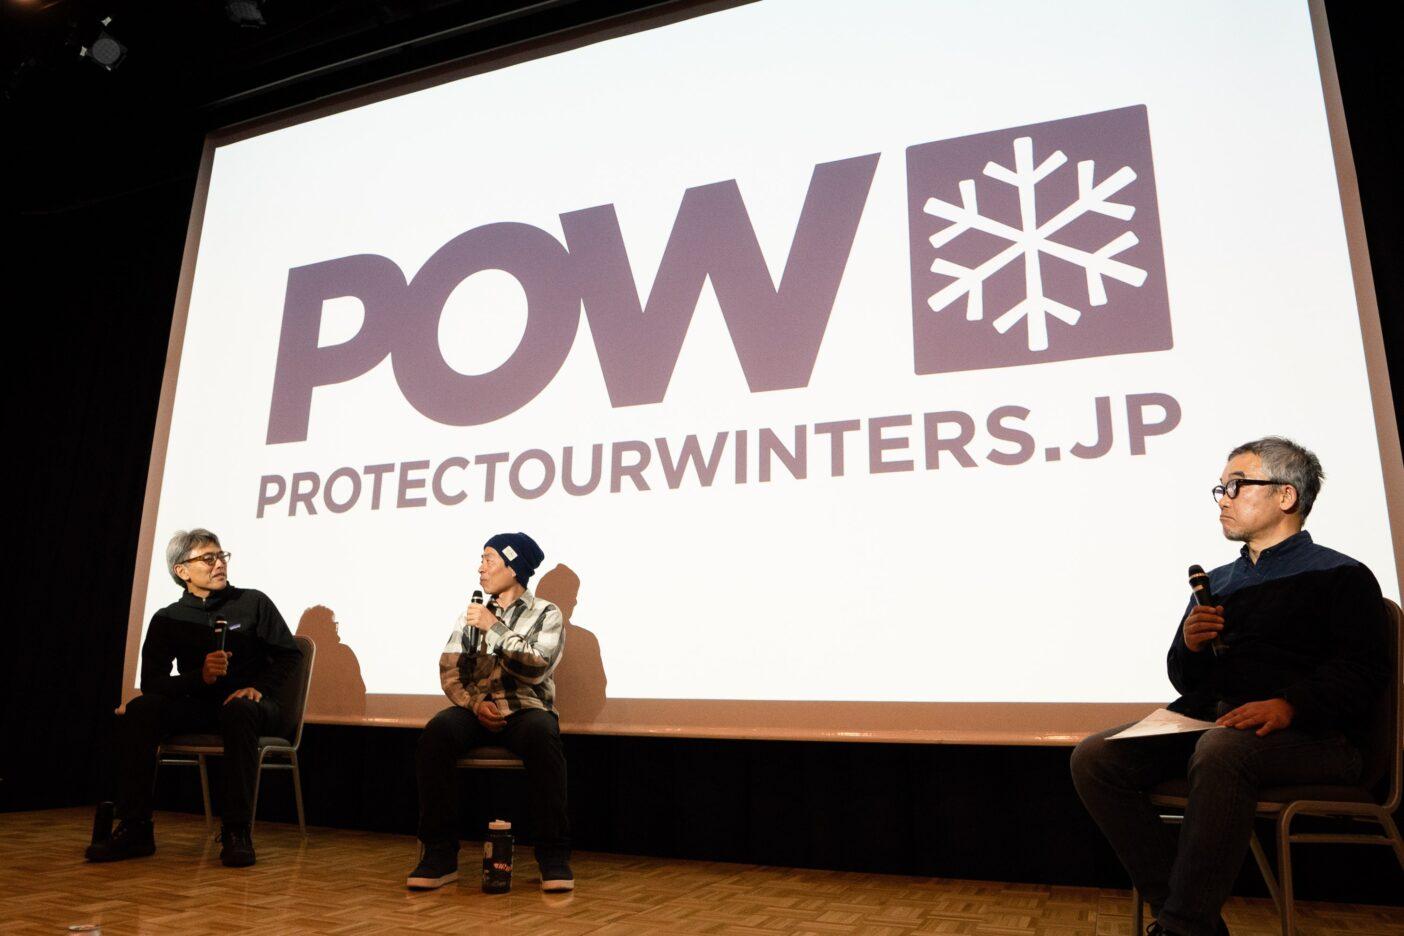 「スノーアクティビズムフィルム上映&トークイベント」にて対談する玉井 太朗さんと小松 吾郎さん